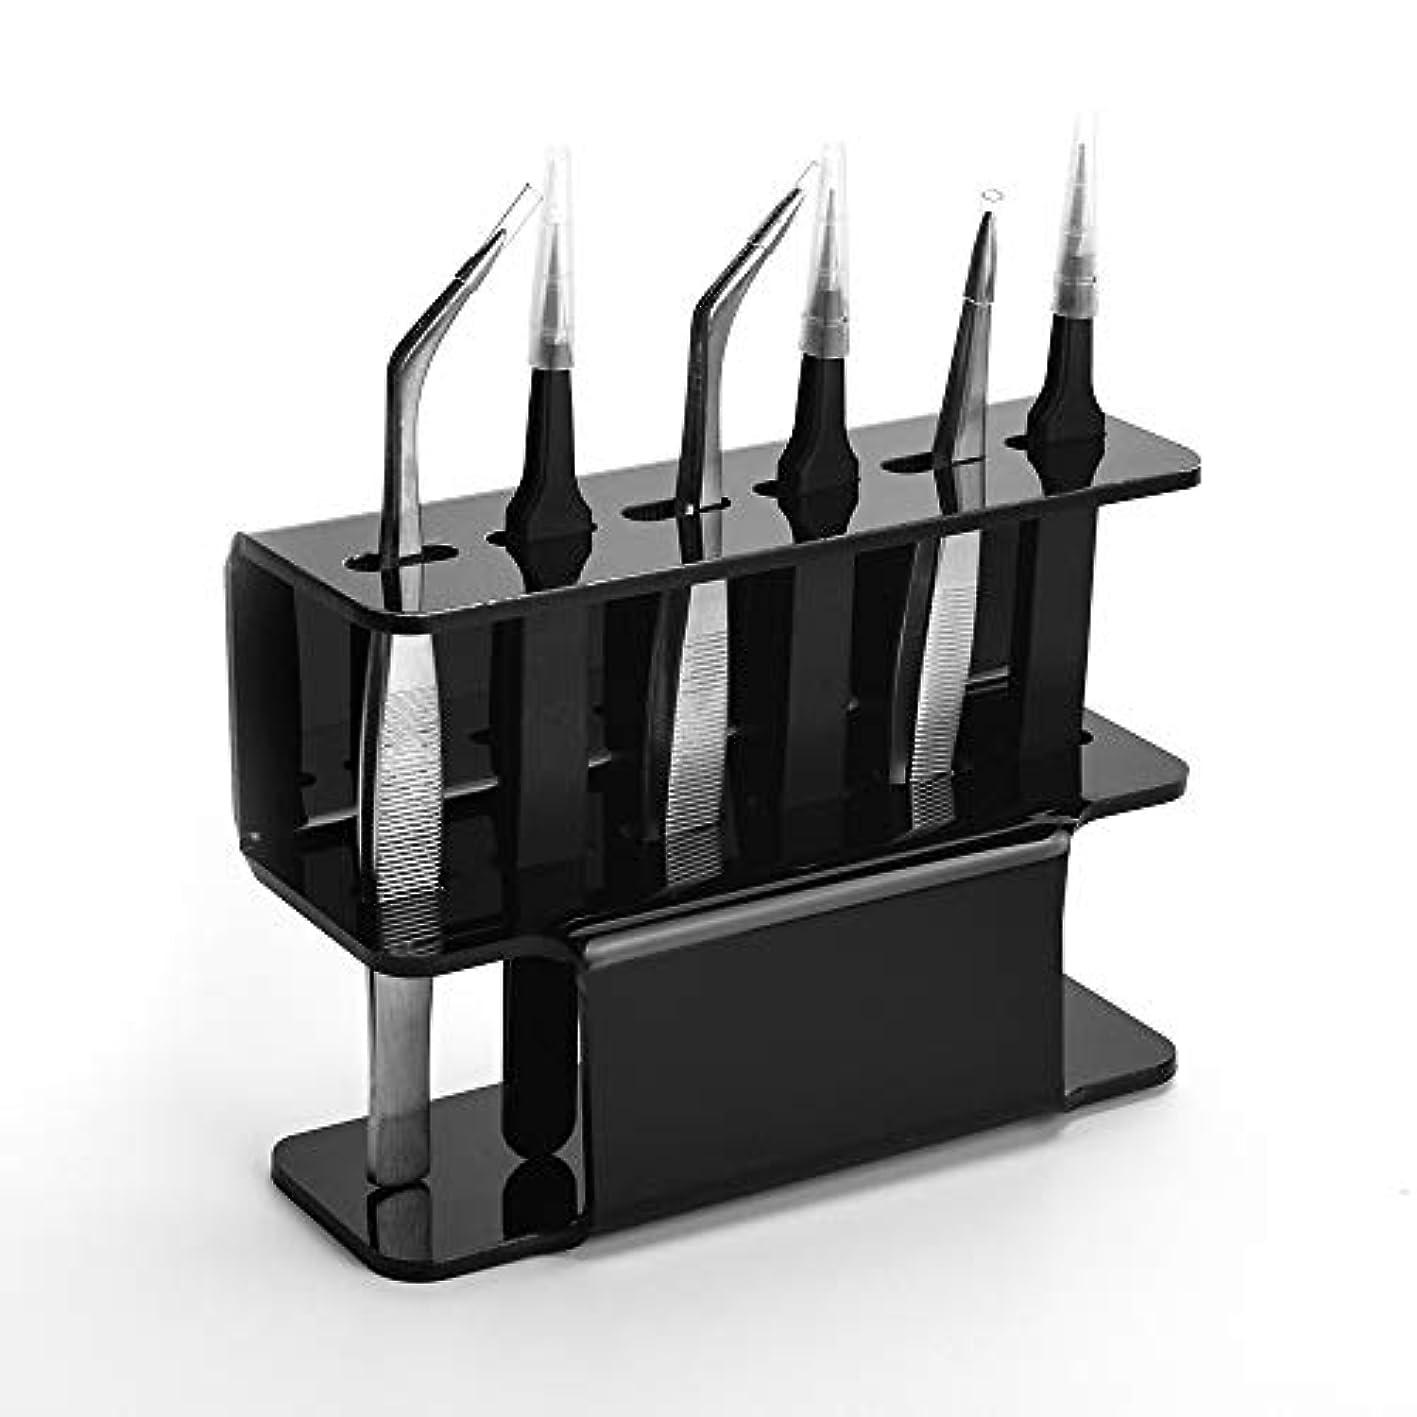 恥お別れ評判ATOMUS 6穴ピンセットスタンドホルダー収納ラックまつげ用アクリルディスプレイスタンド拡張用品アクセサリーツールピンセットシェルフの収集と配置 (黒)